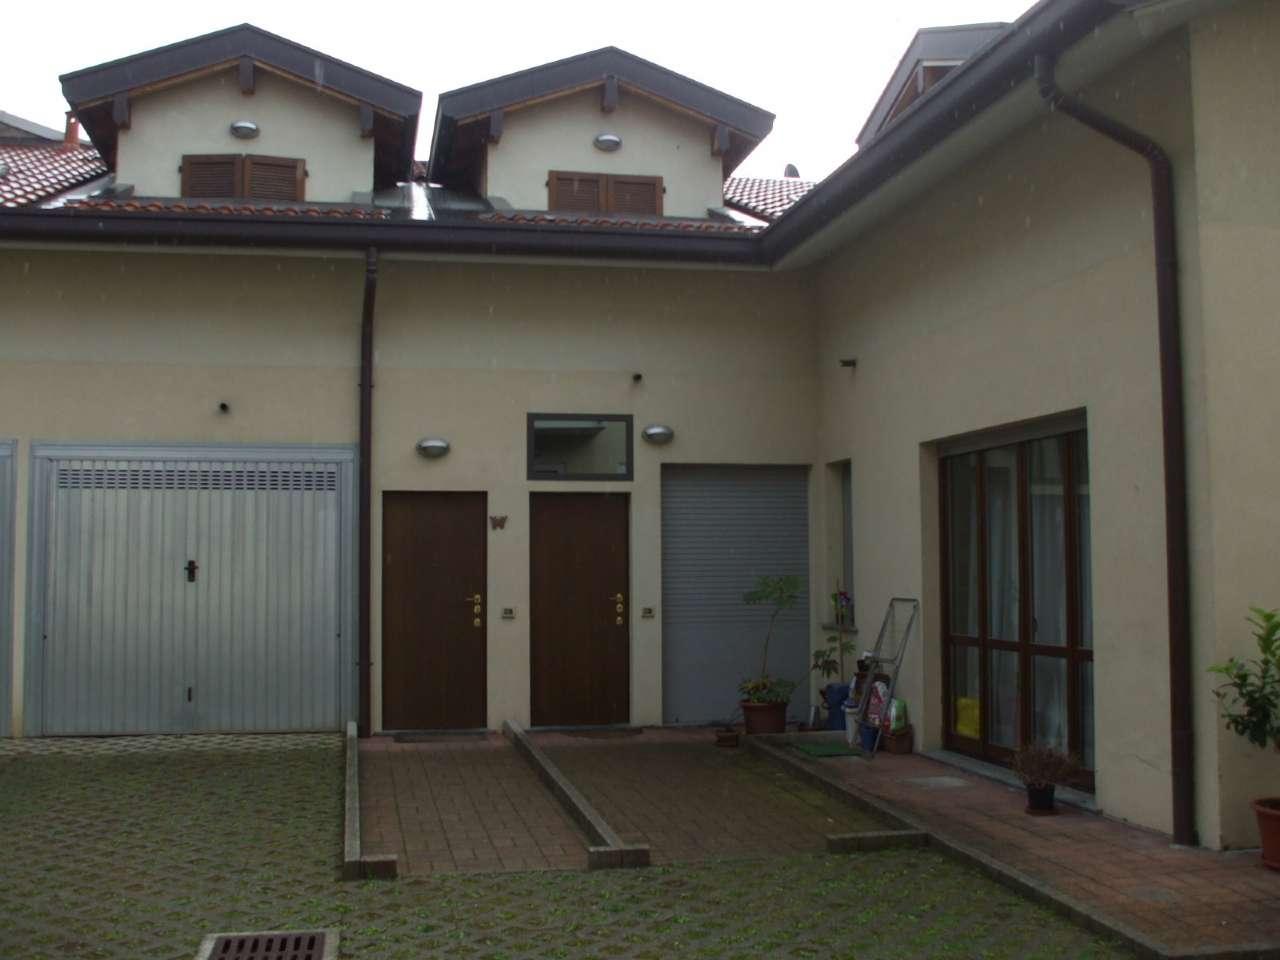 Soluzione Indipendente in vendita a Seregno, 3 locali, prezzo € 198.000 | CambioCasa.it